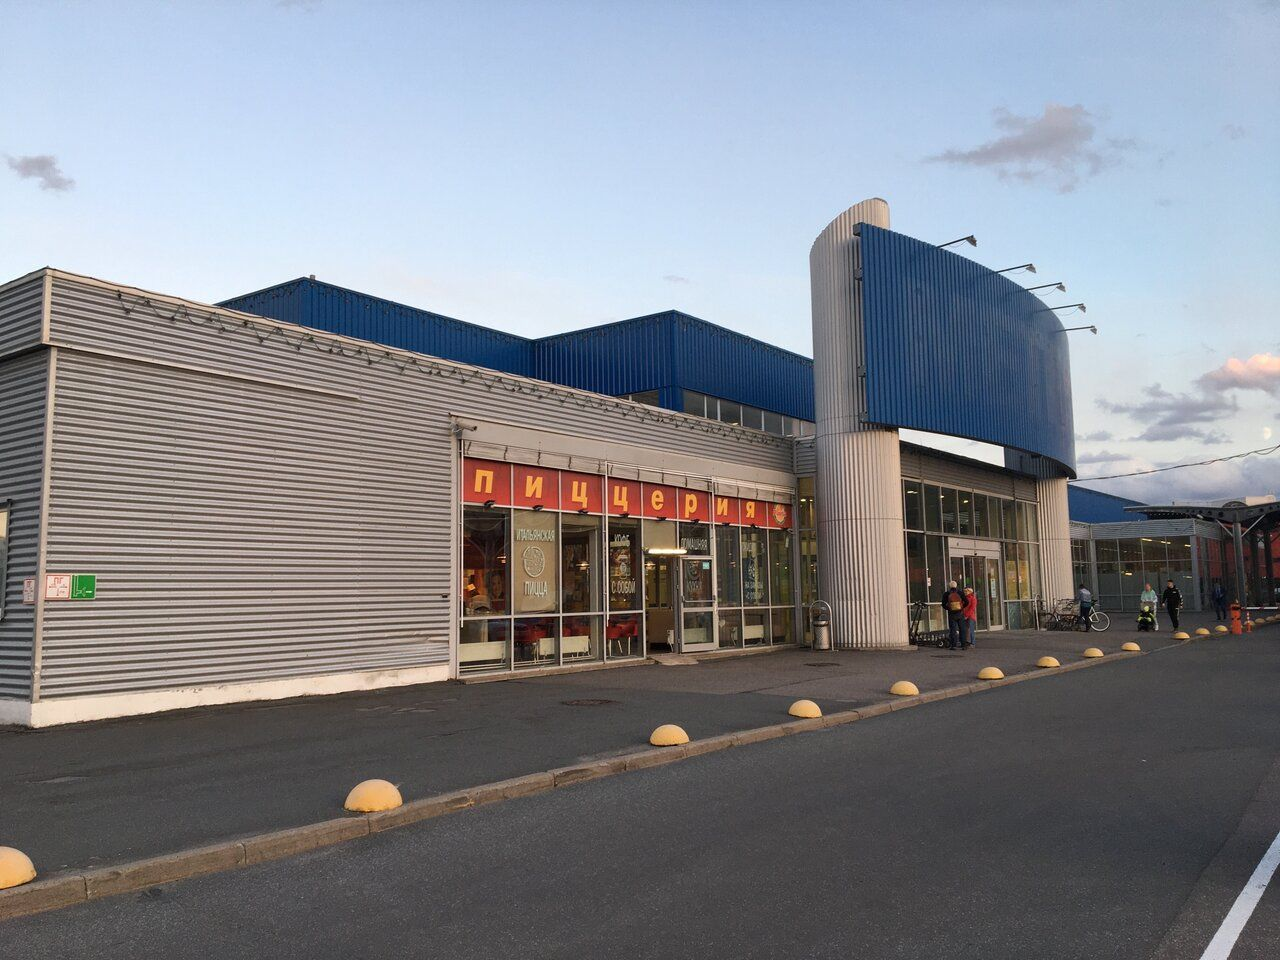 продажа помещений в ТЦ METRO (Метро)